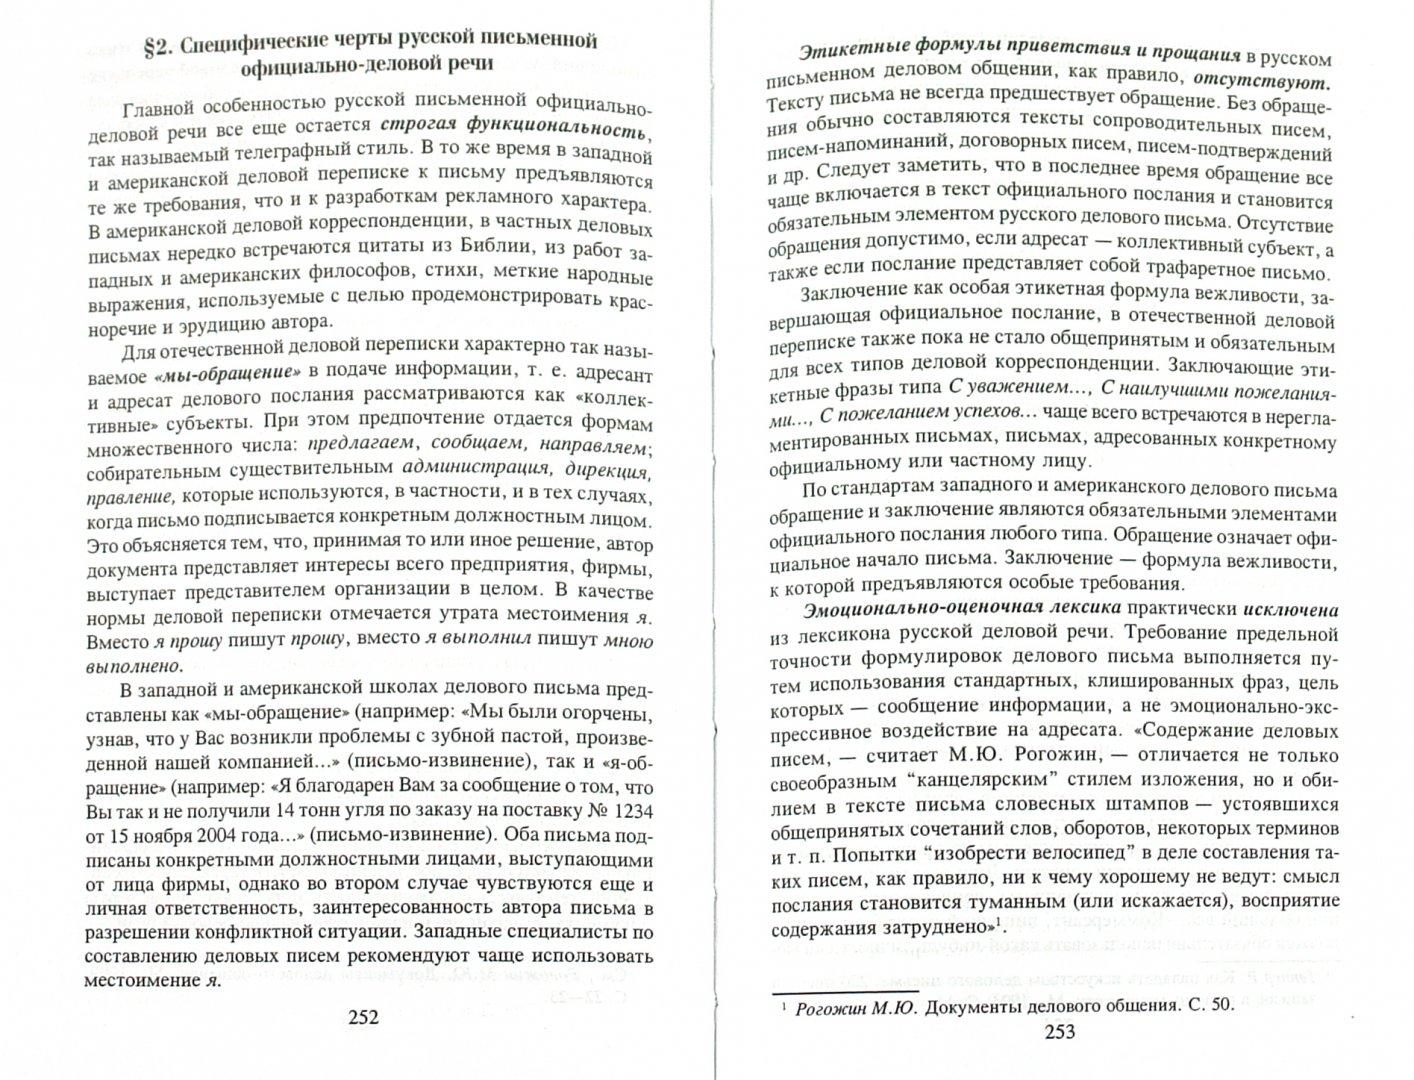 Иллюстрация 1 из 7 для Культура речи государственного служащего - Введенская, Павлова, Кашаева | Лабиринт - книги. Источник: Лабиринт